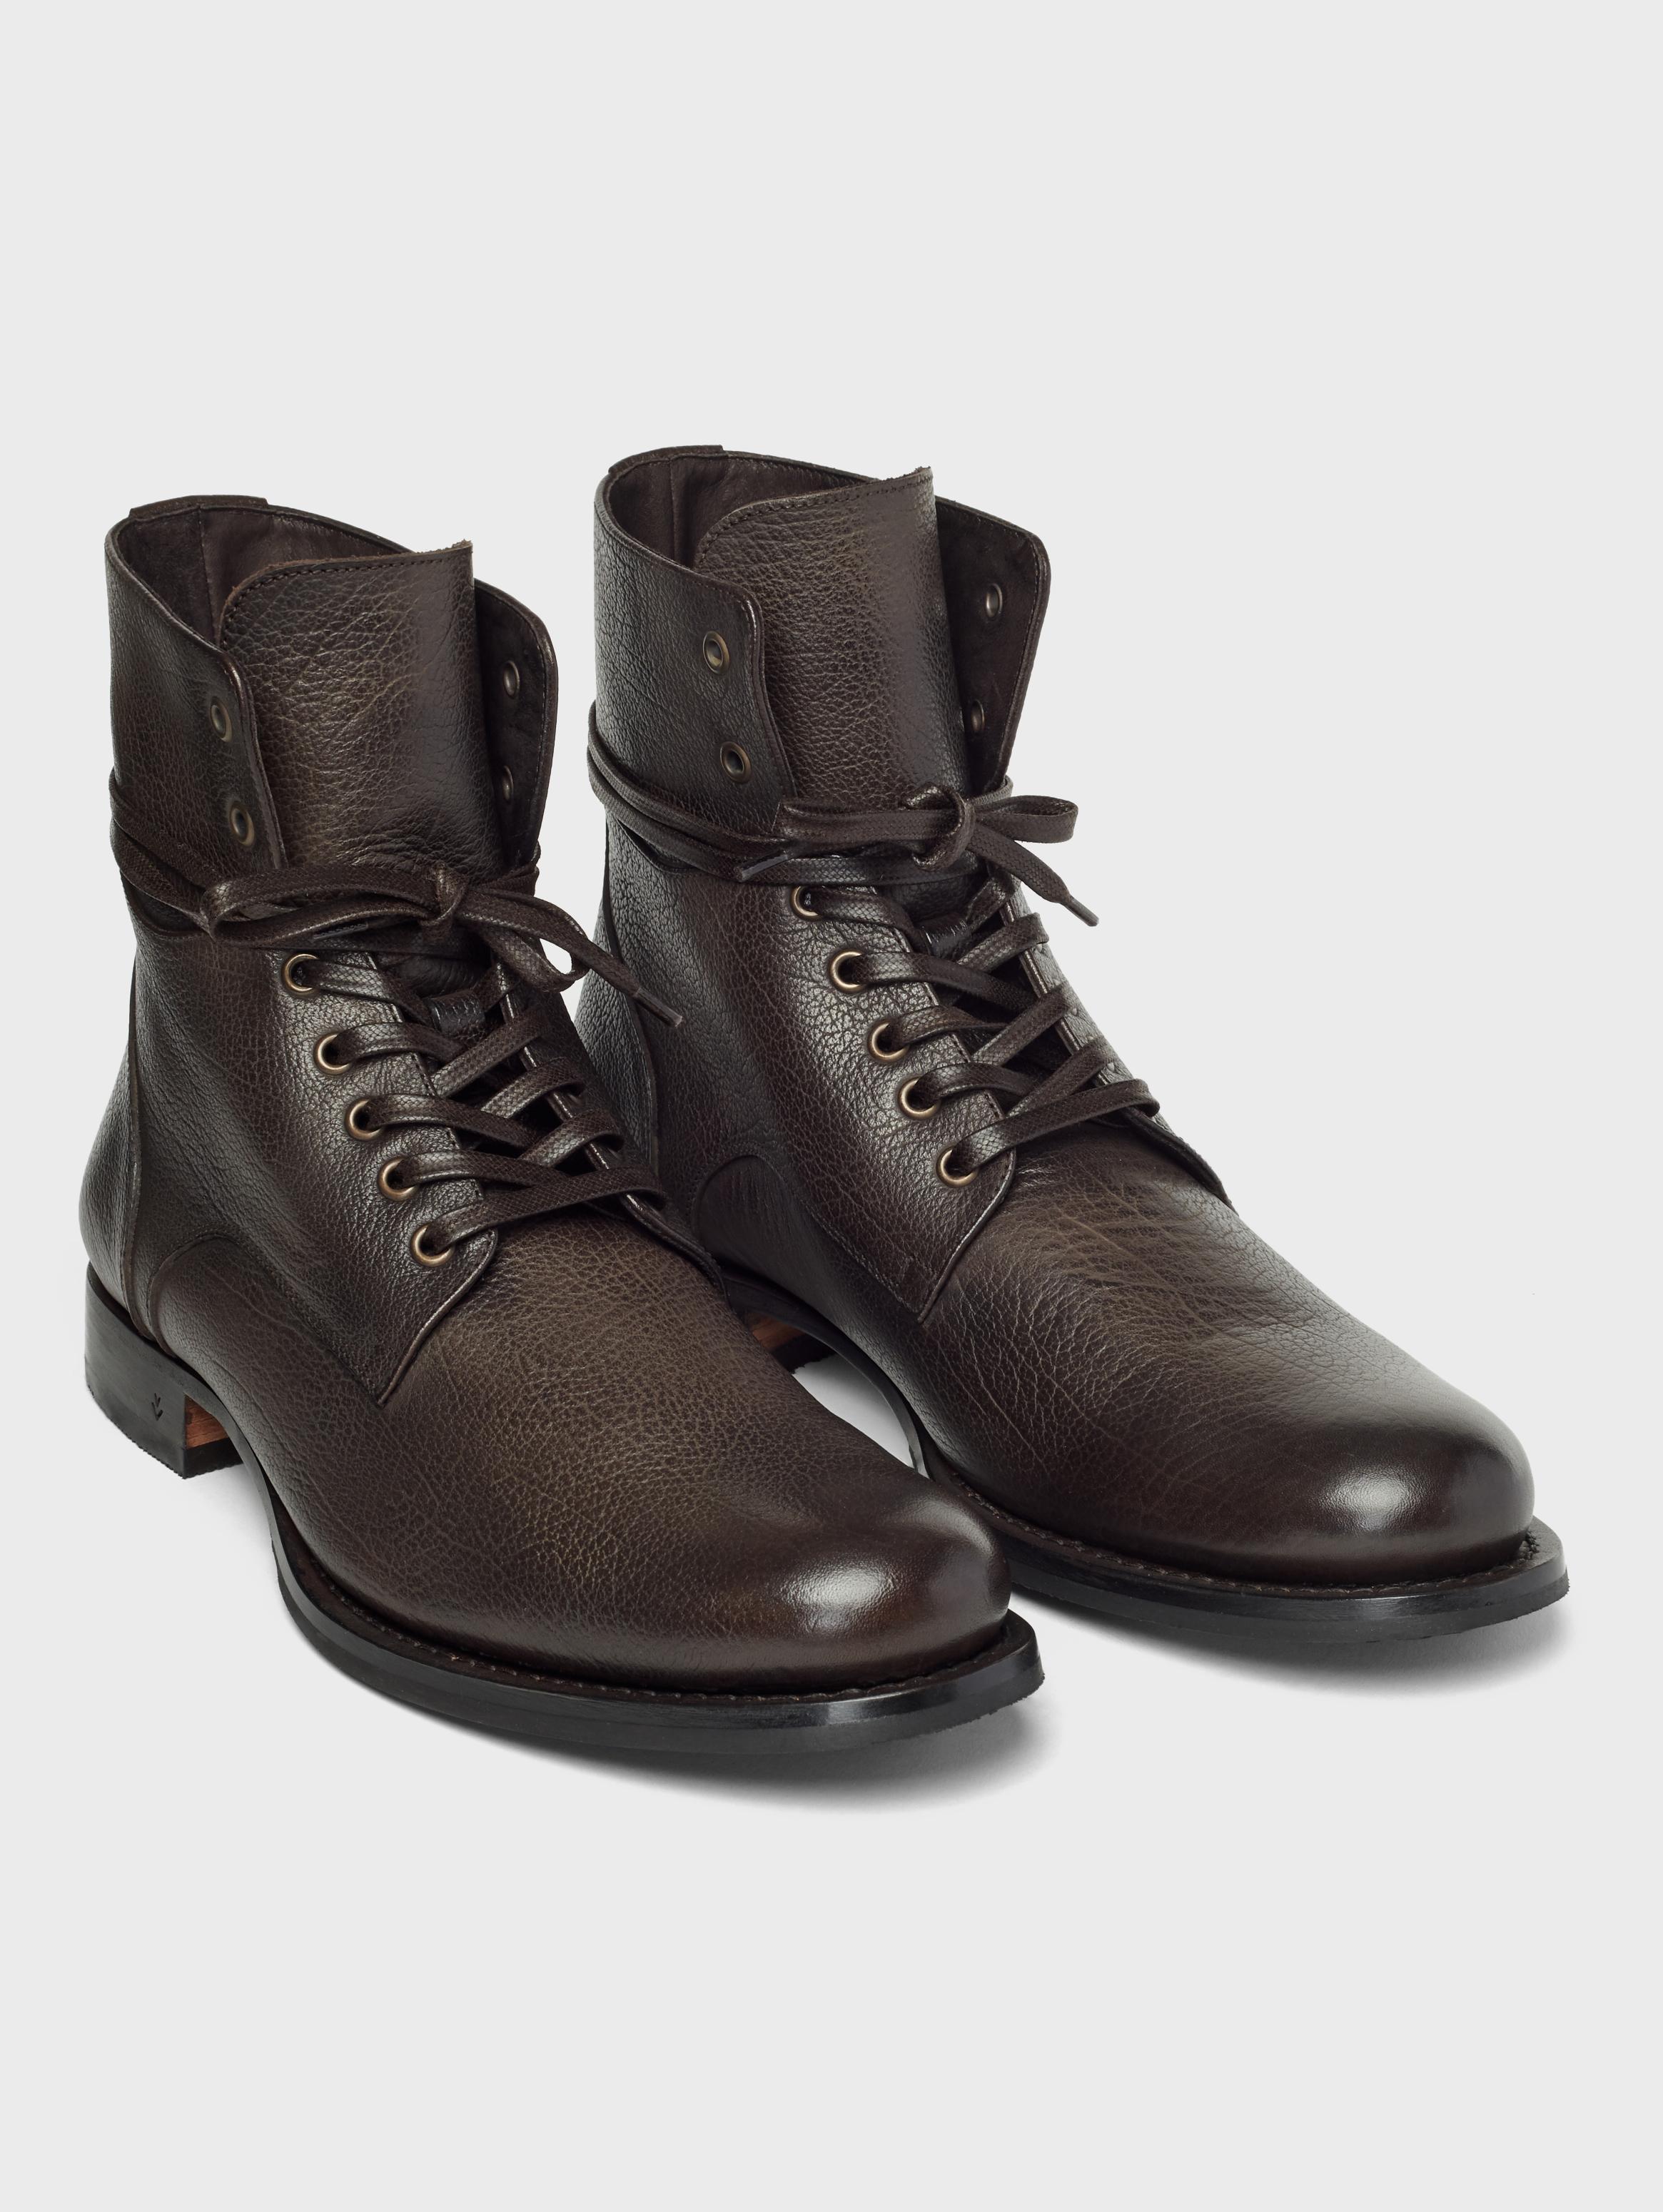 John Varvatos Six O Six Artisan Convertible Boots Chocolate